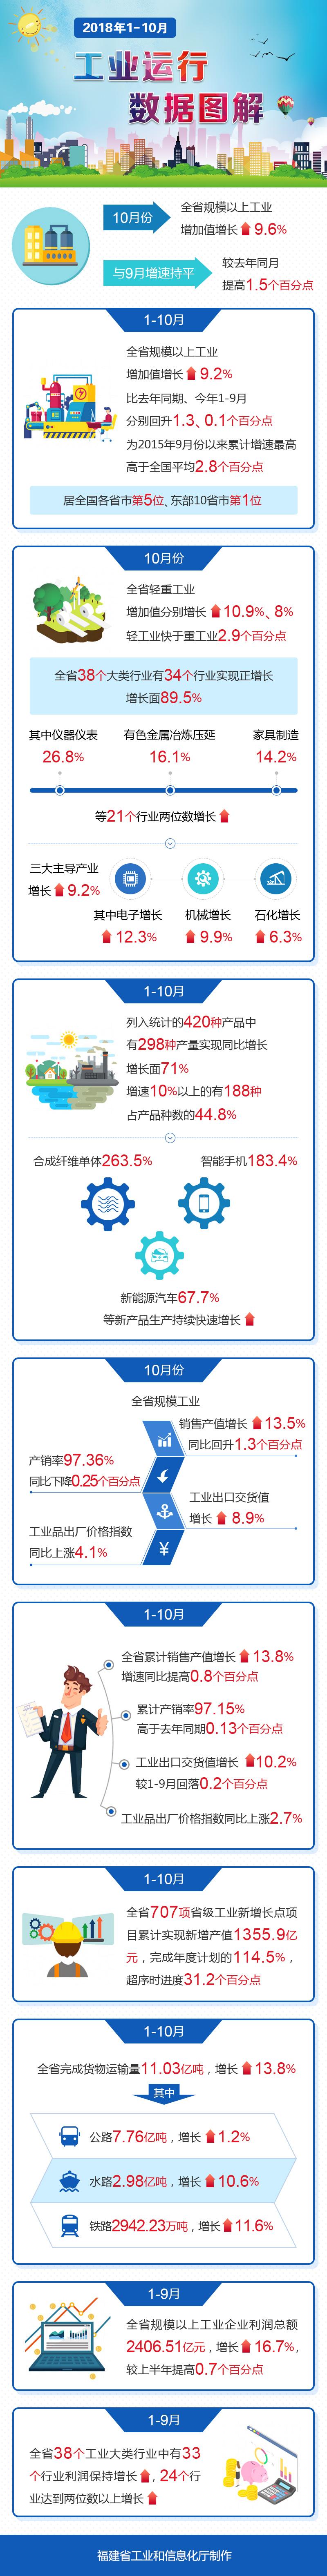 图解:2018年1-10月工业运行数据